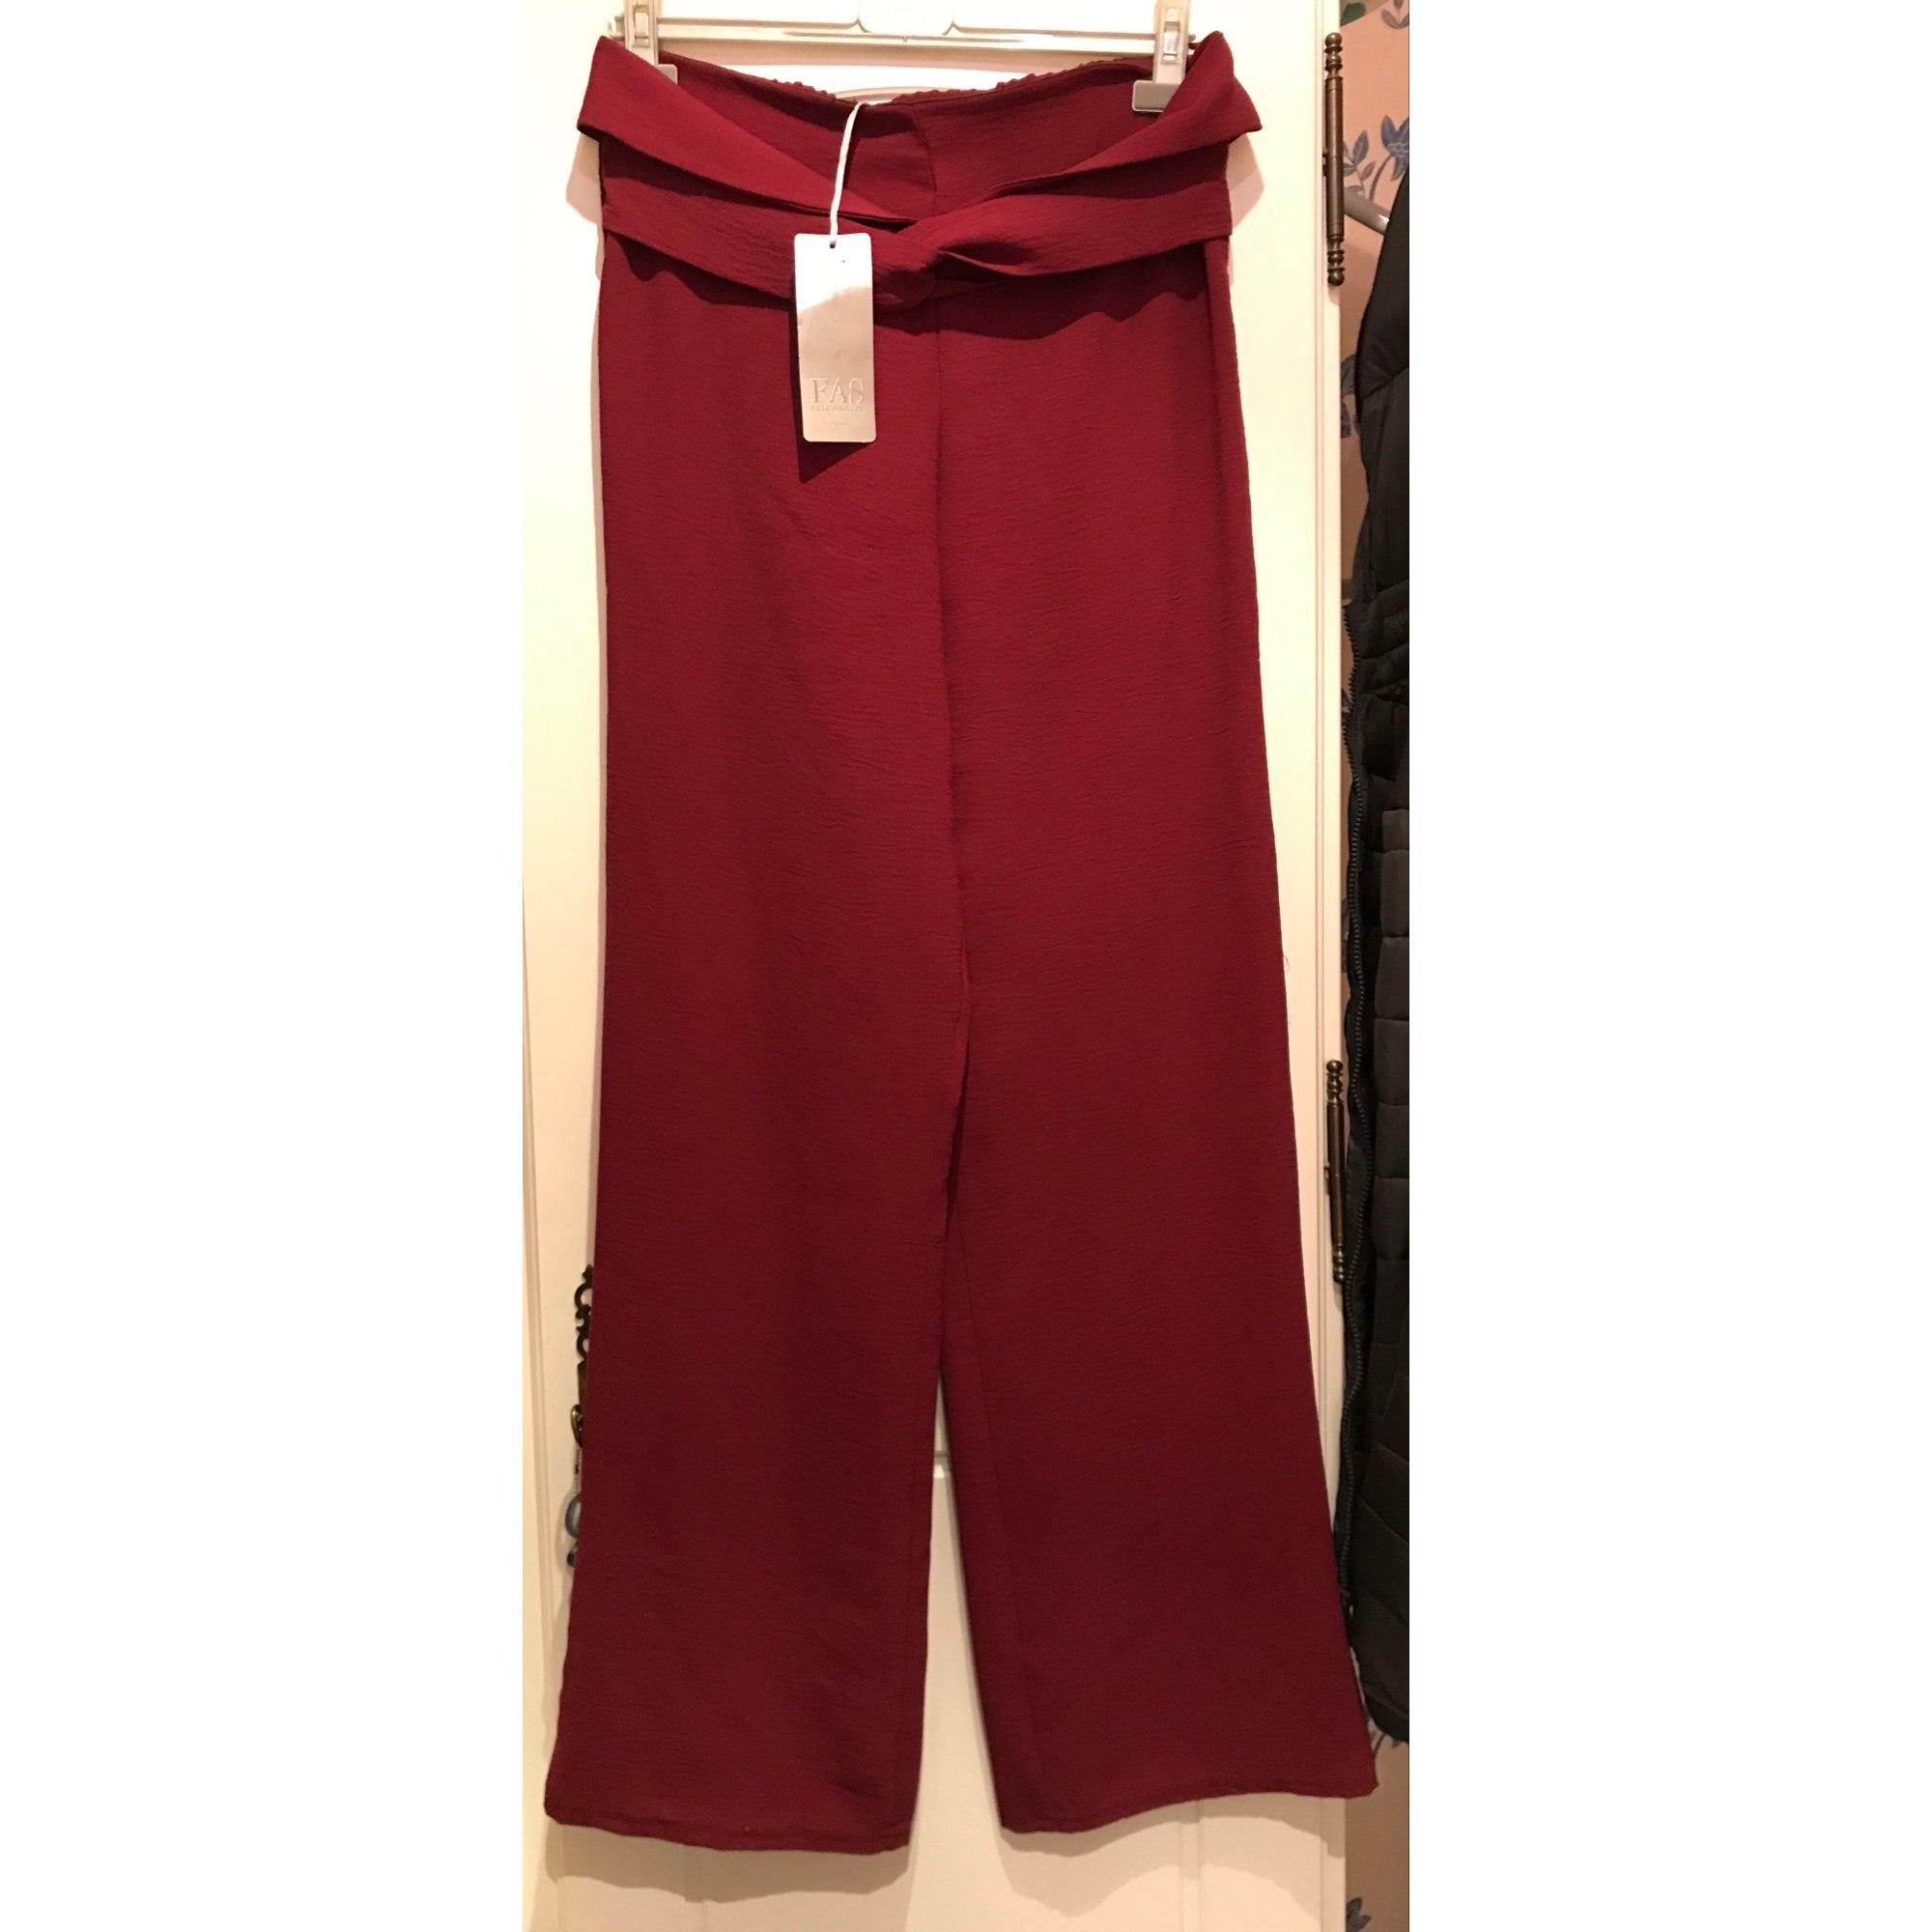 Pantalon large FAS - FILLE A SUIVRE Rouge, bordeaux